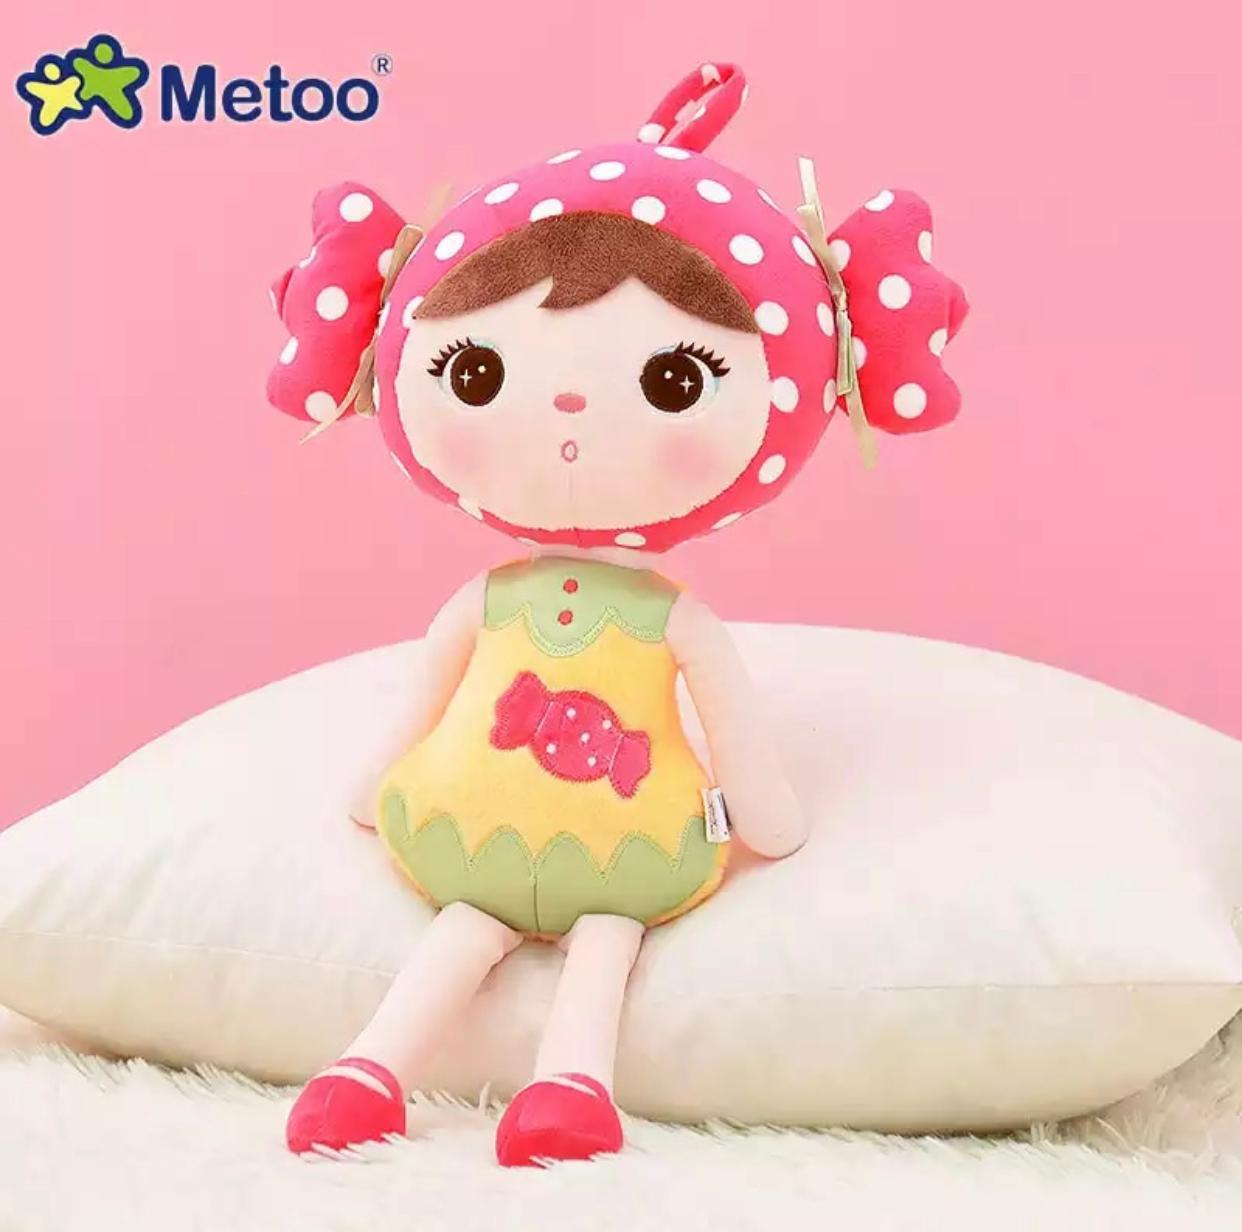 Boneca Metoo Docinho 45 cm Febre Berço de Bebê Decoração